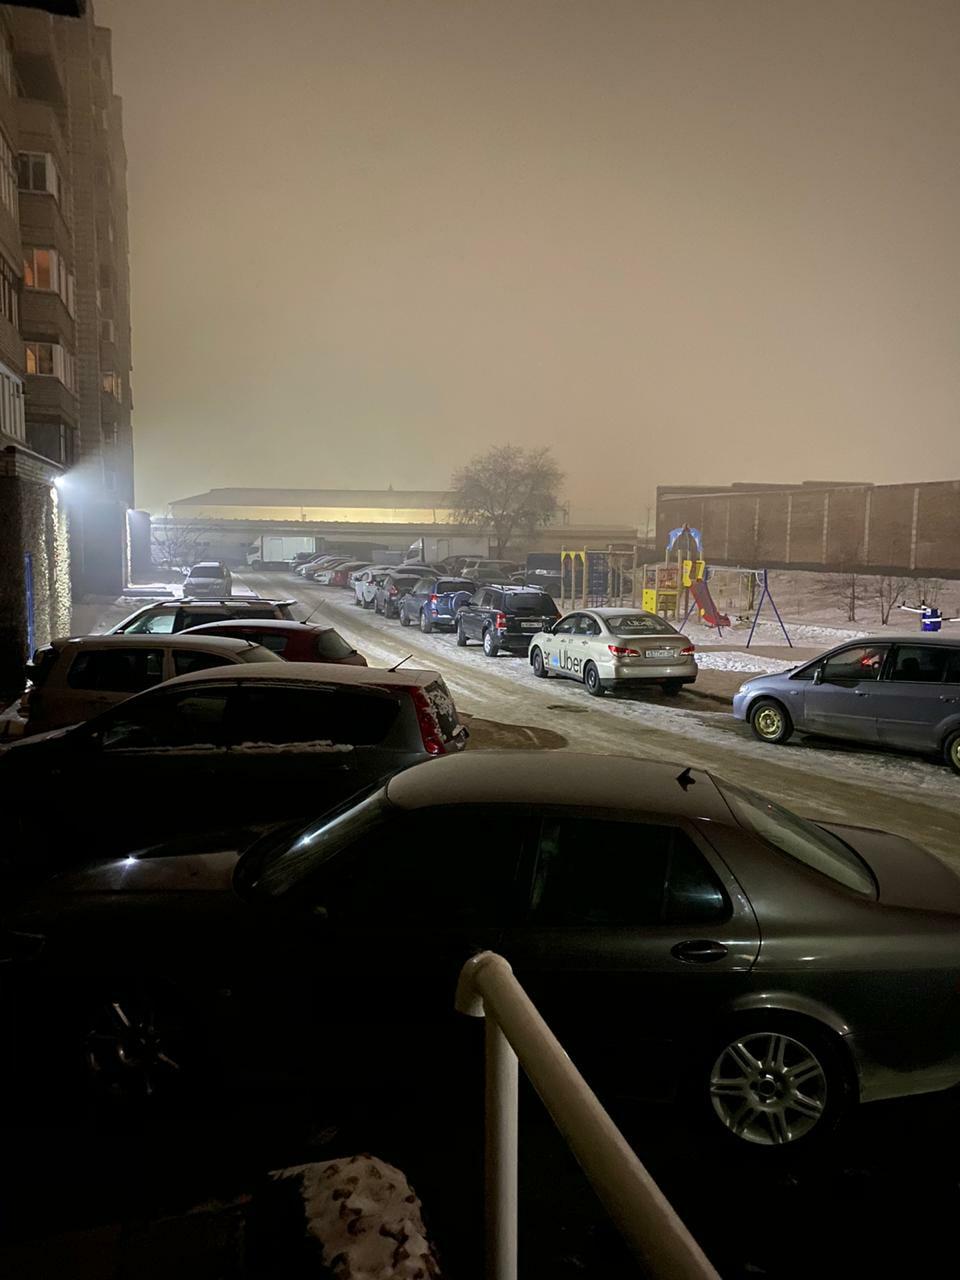 Фото «Прокашлялись, прочихались и живём дальше»: чем опасен режим «черного неба» в Новосибирске и как он убивает людей 3